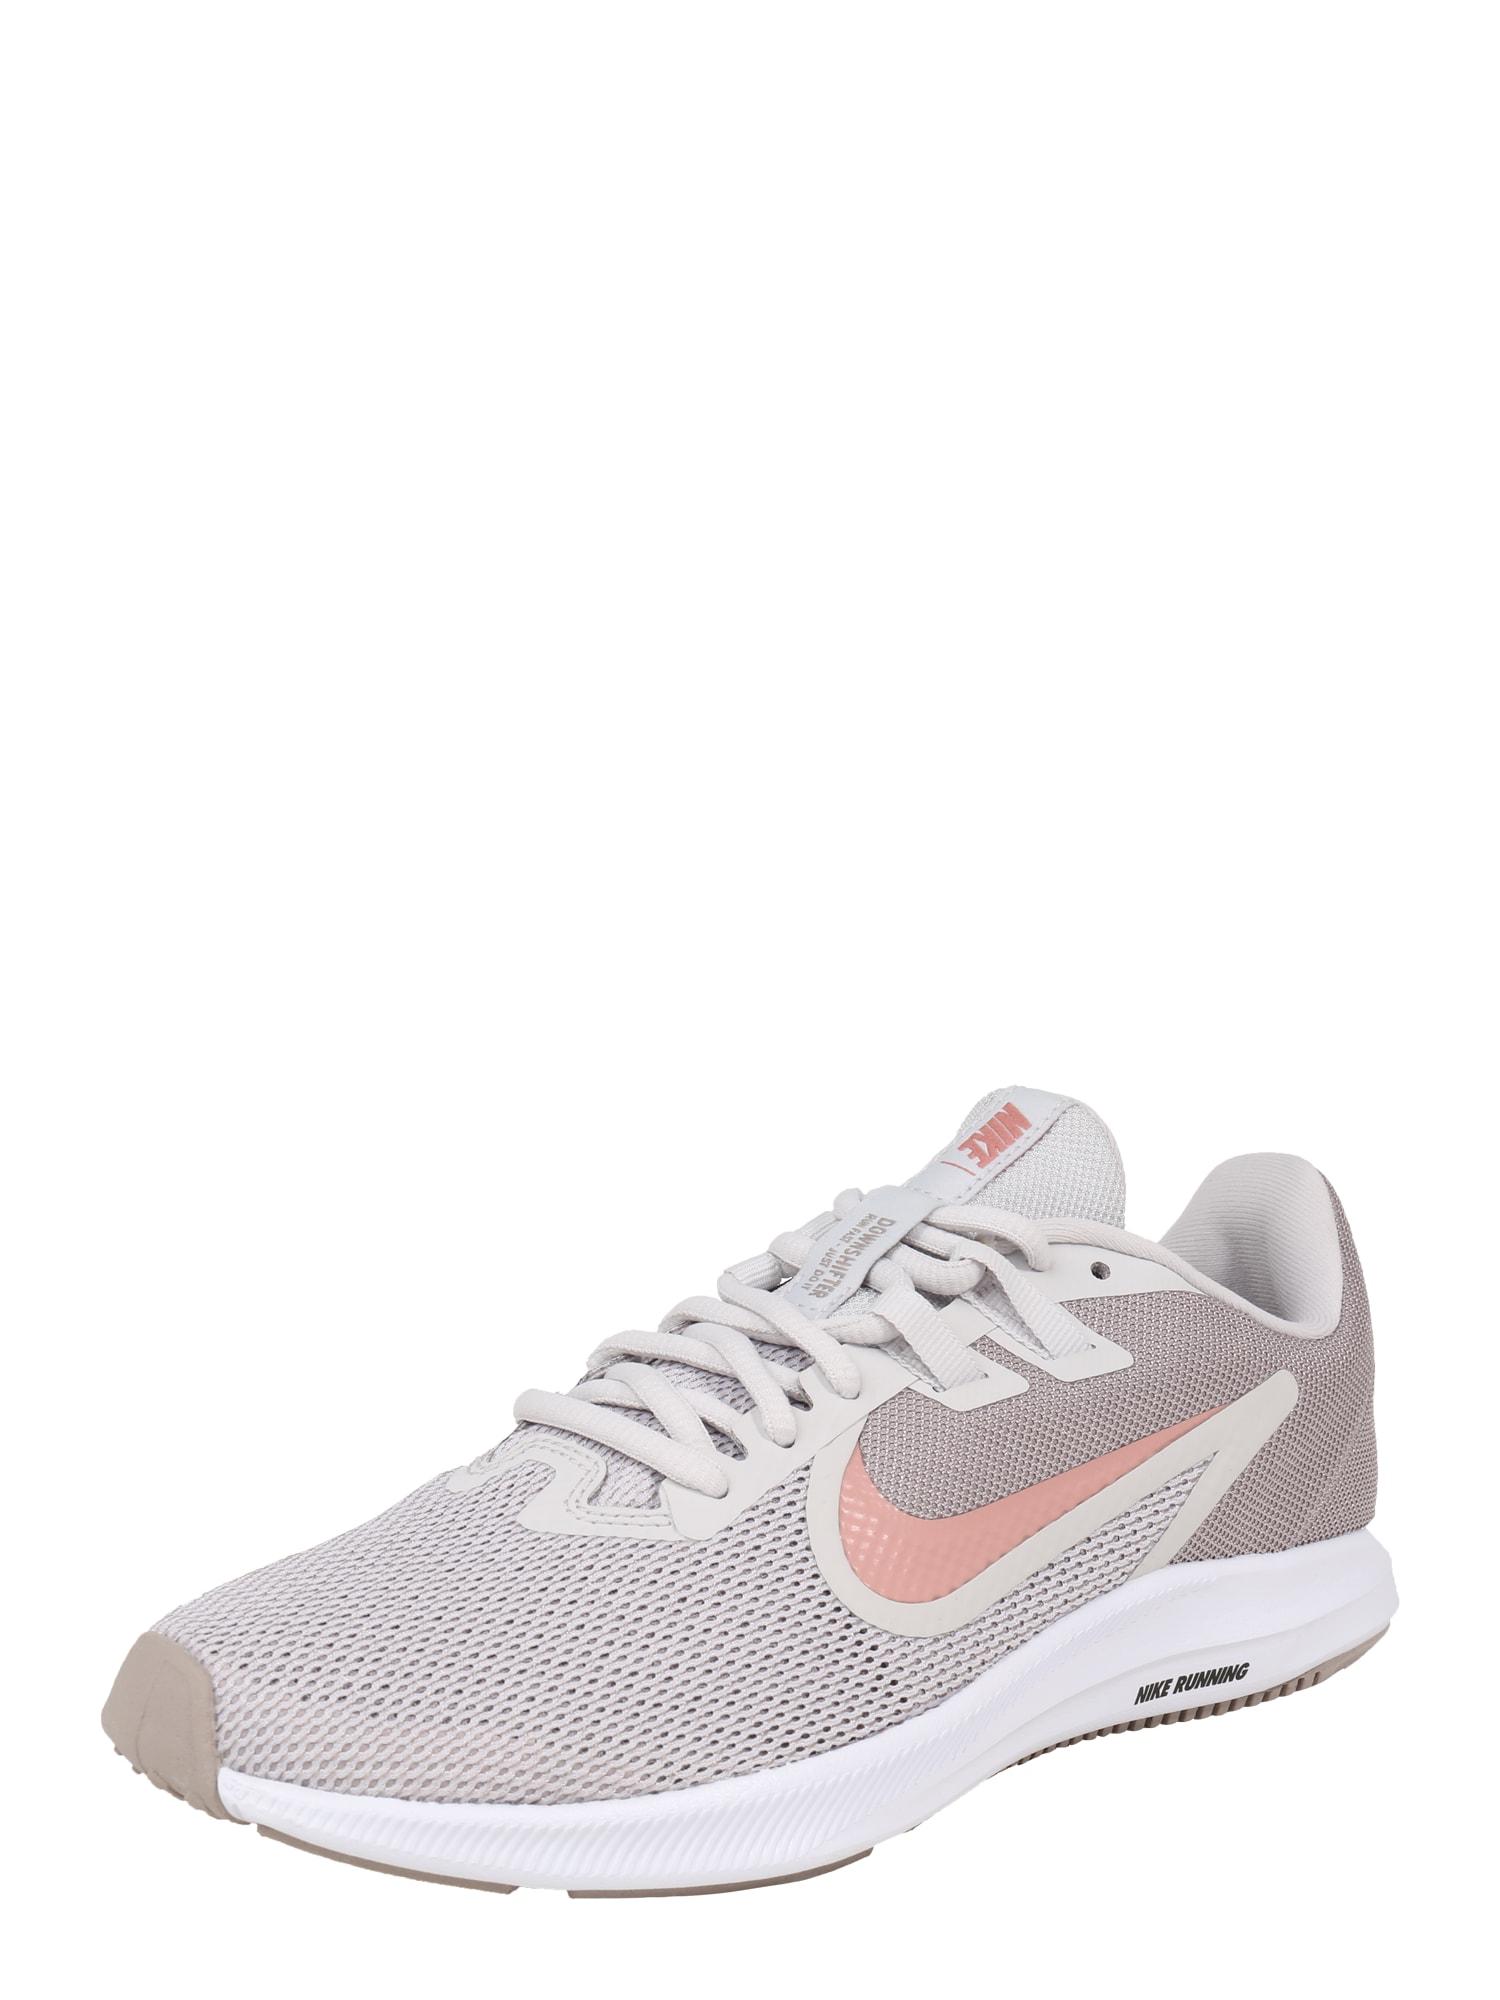 Běžecká obuv DOWNSHIFTER 9 světle šedá růžová NIKE